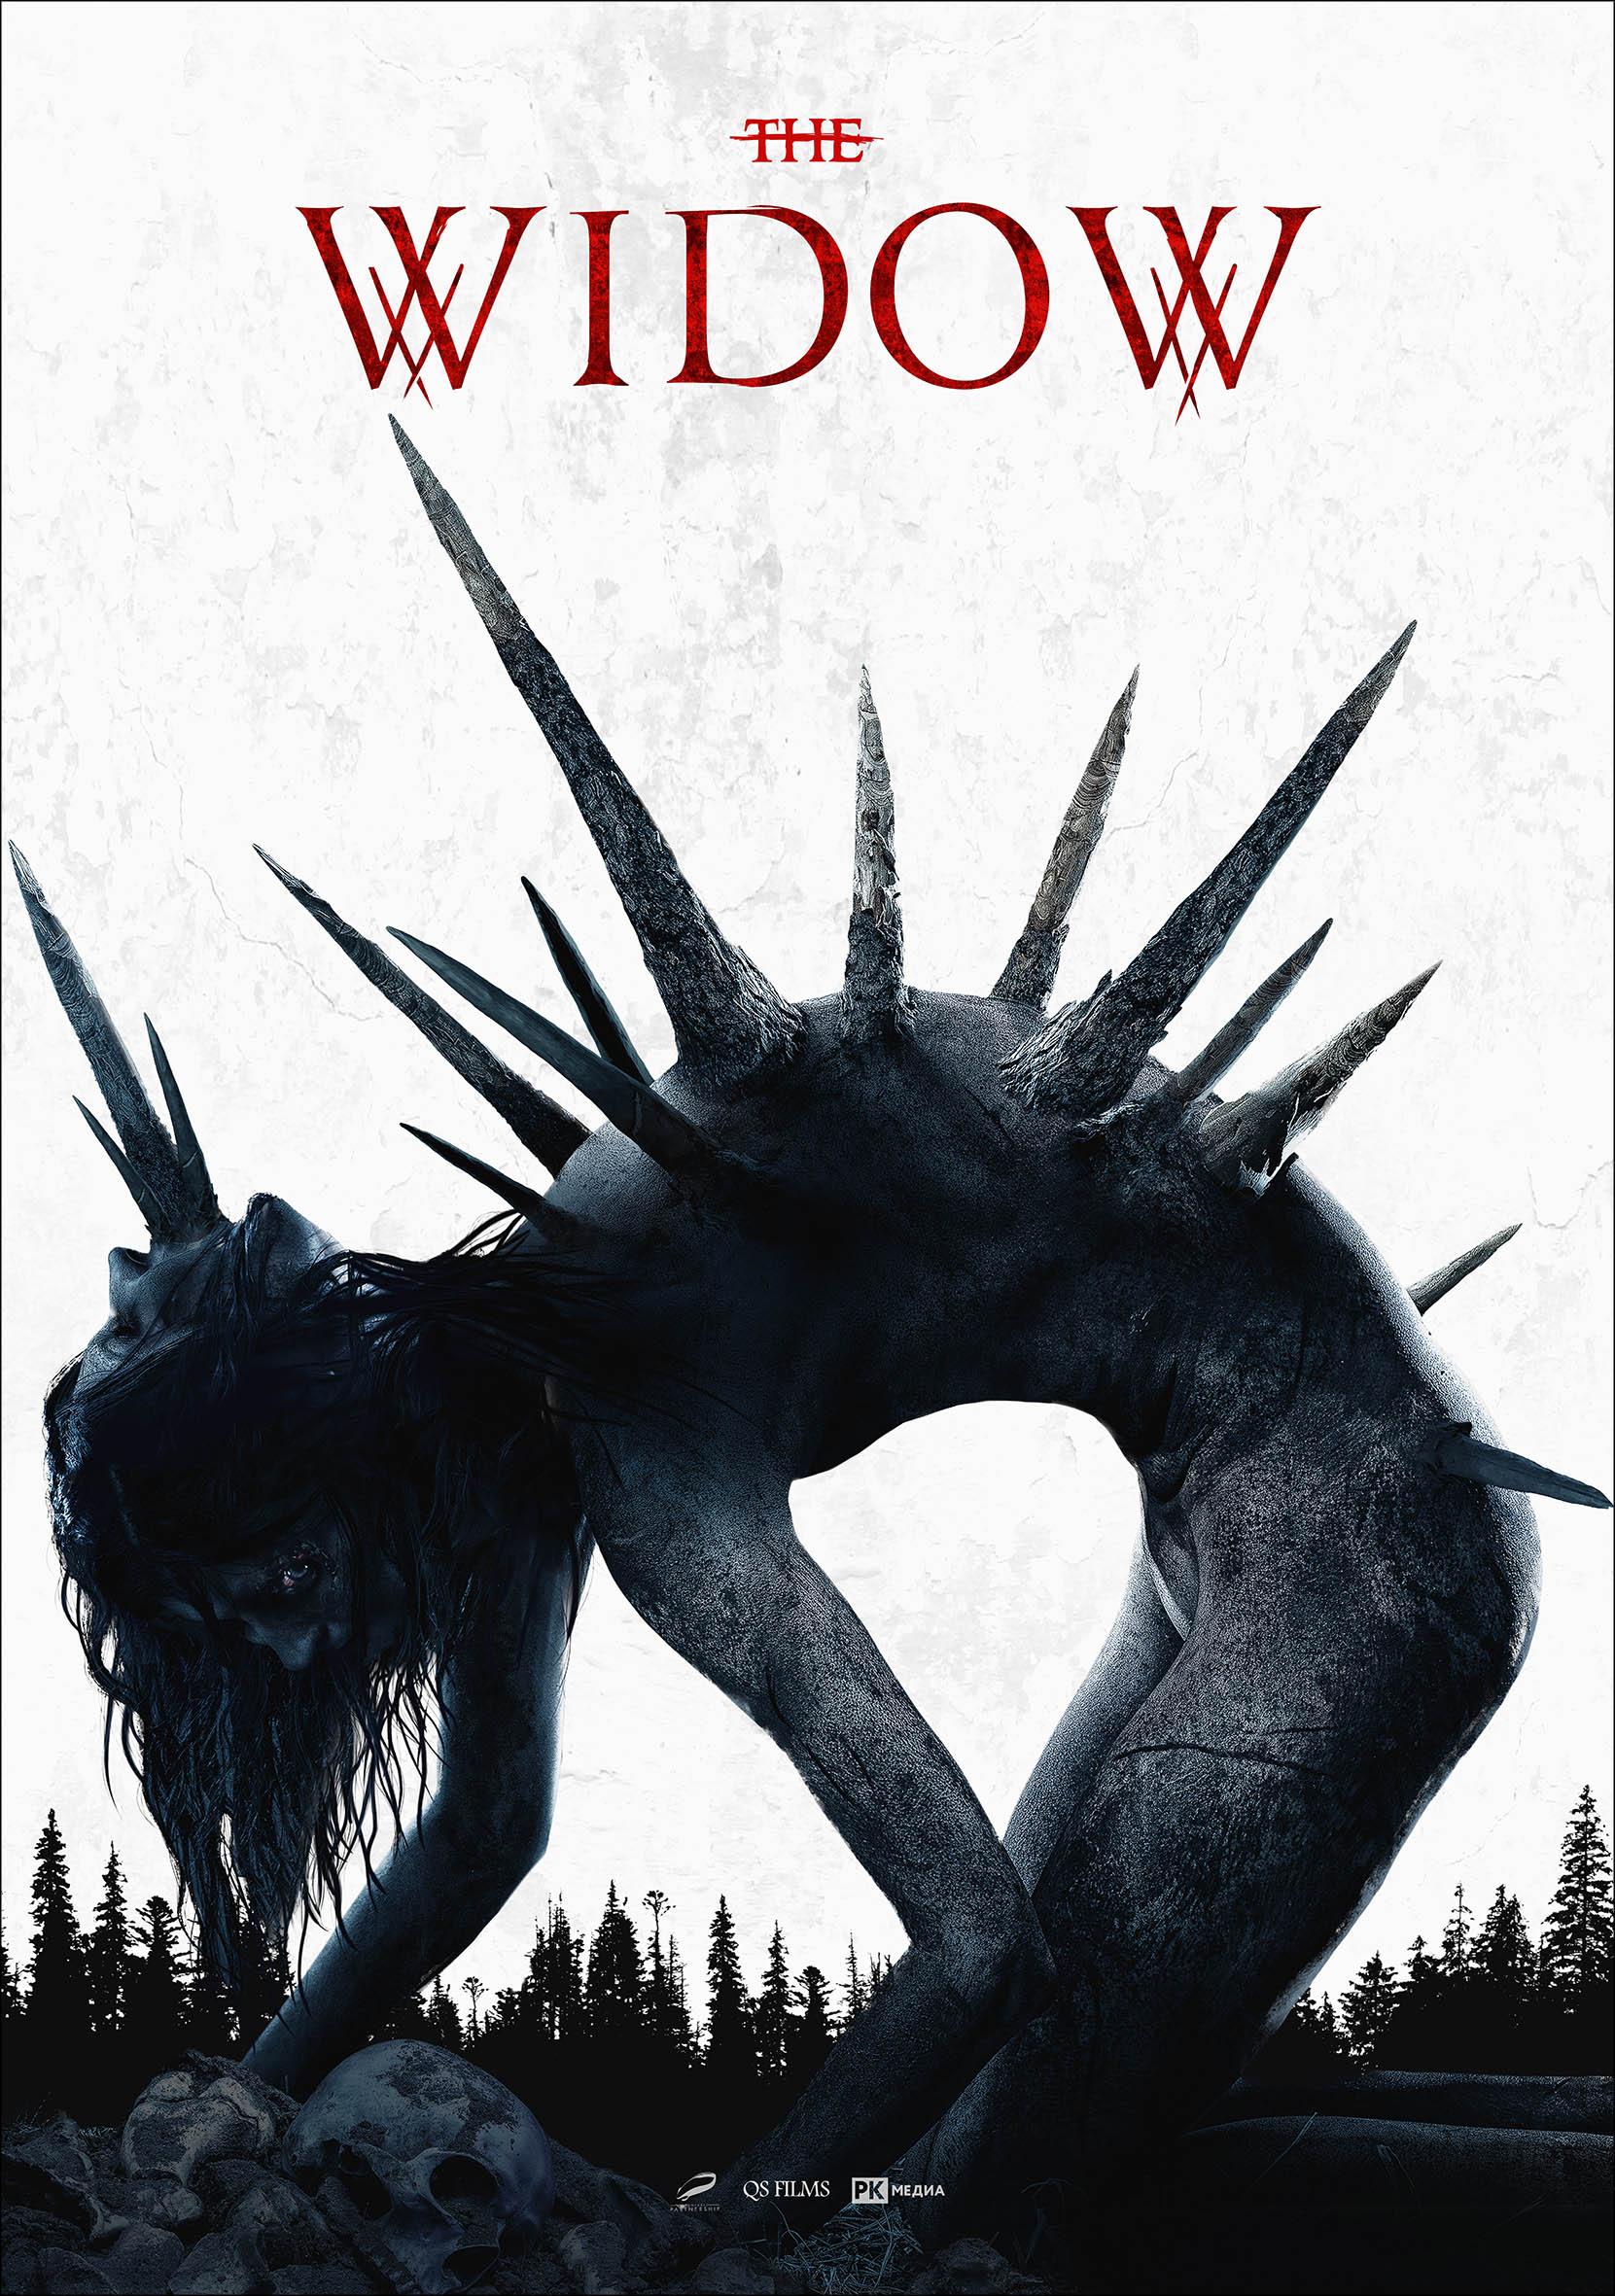 The Widow - tác phẩm kinh dị mới nhất của nước Nga sẽ mở màn tháng Halloween năm nay